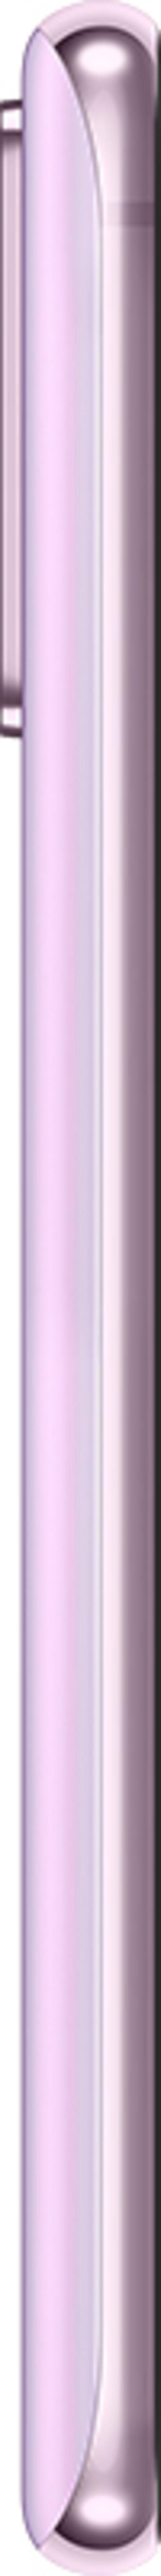 samsung_s20fe_lavenderpink_side_001.jpg